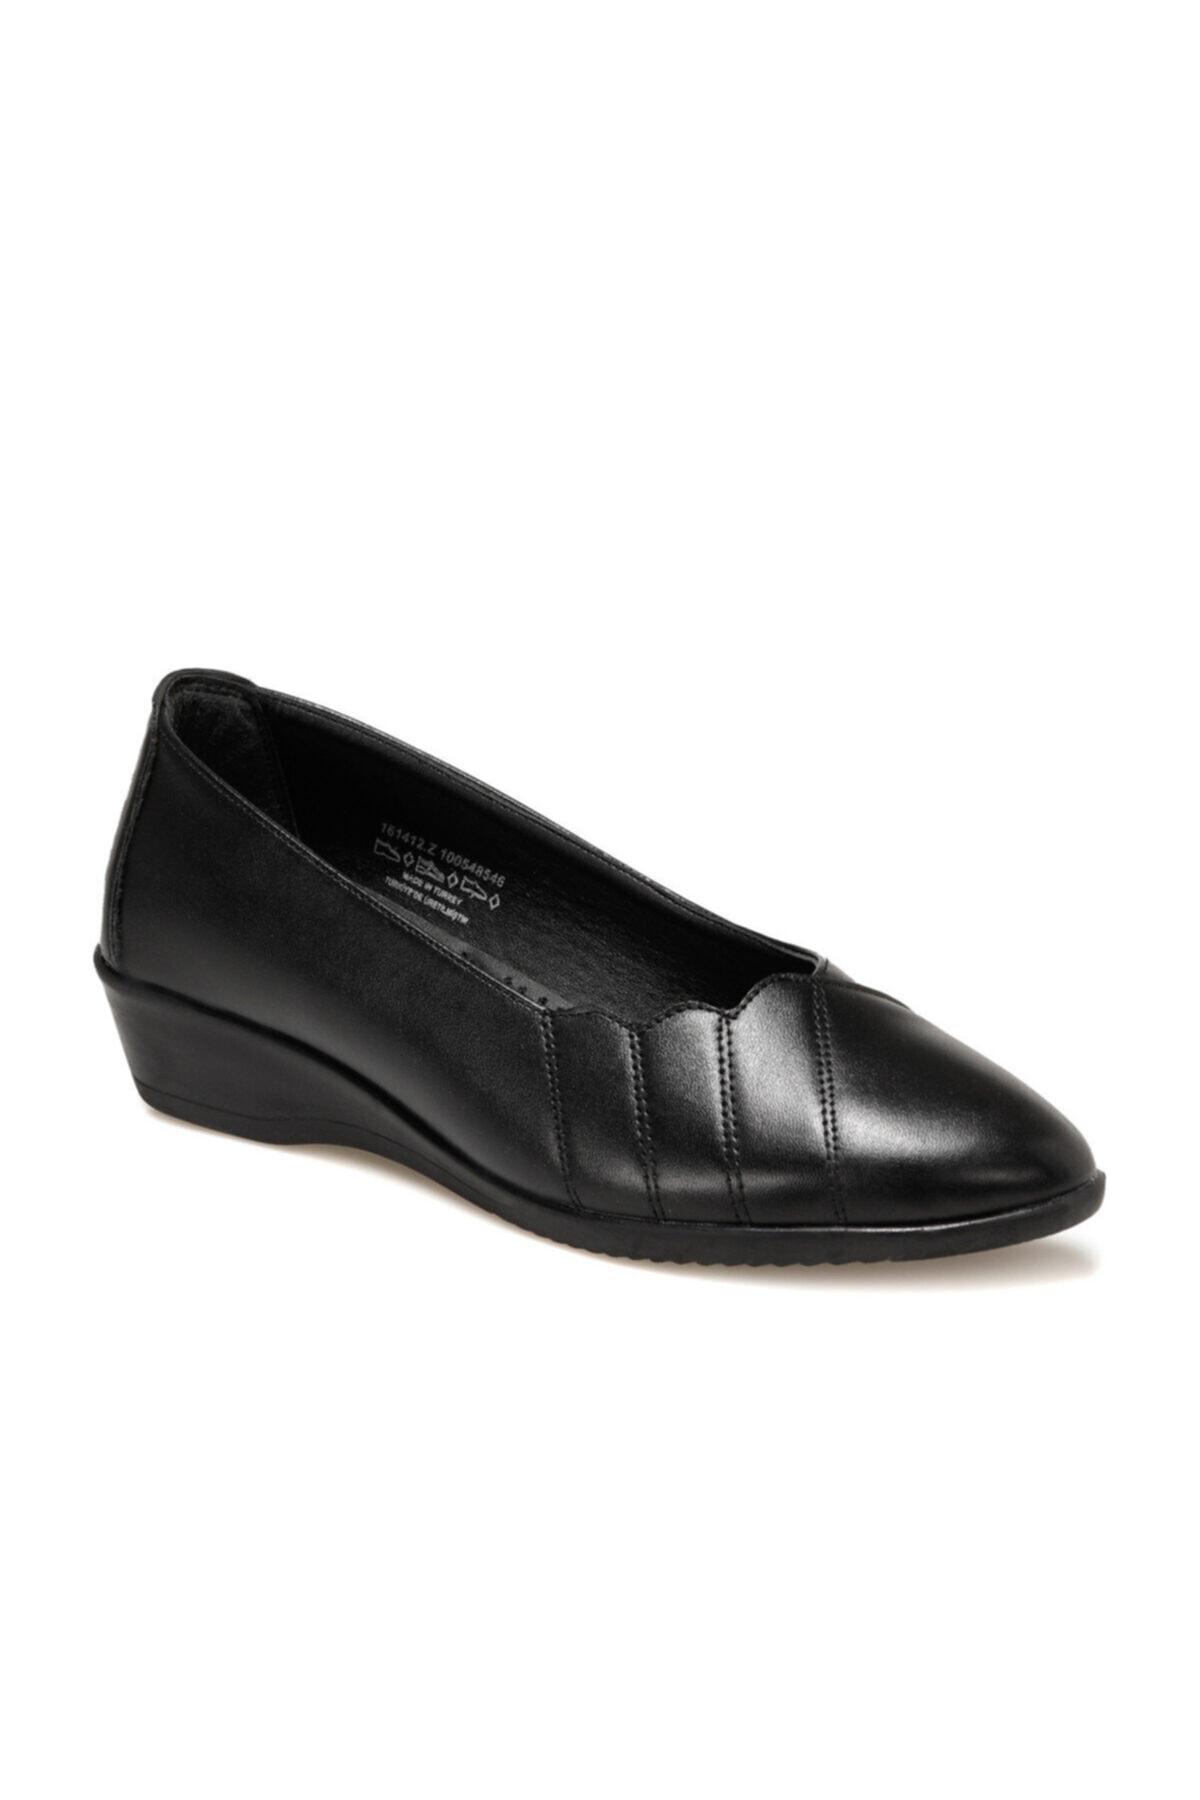 Polaris 161412.Z Siyah Kadın Comfort Ayakkabı 100548546 1